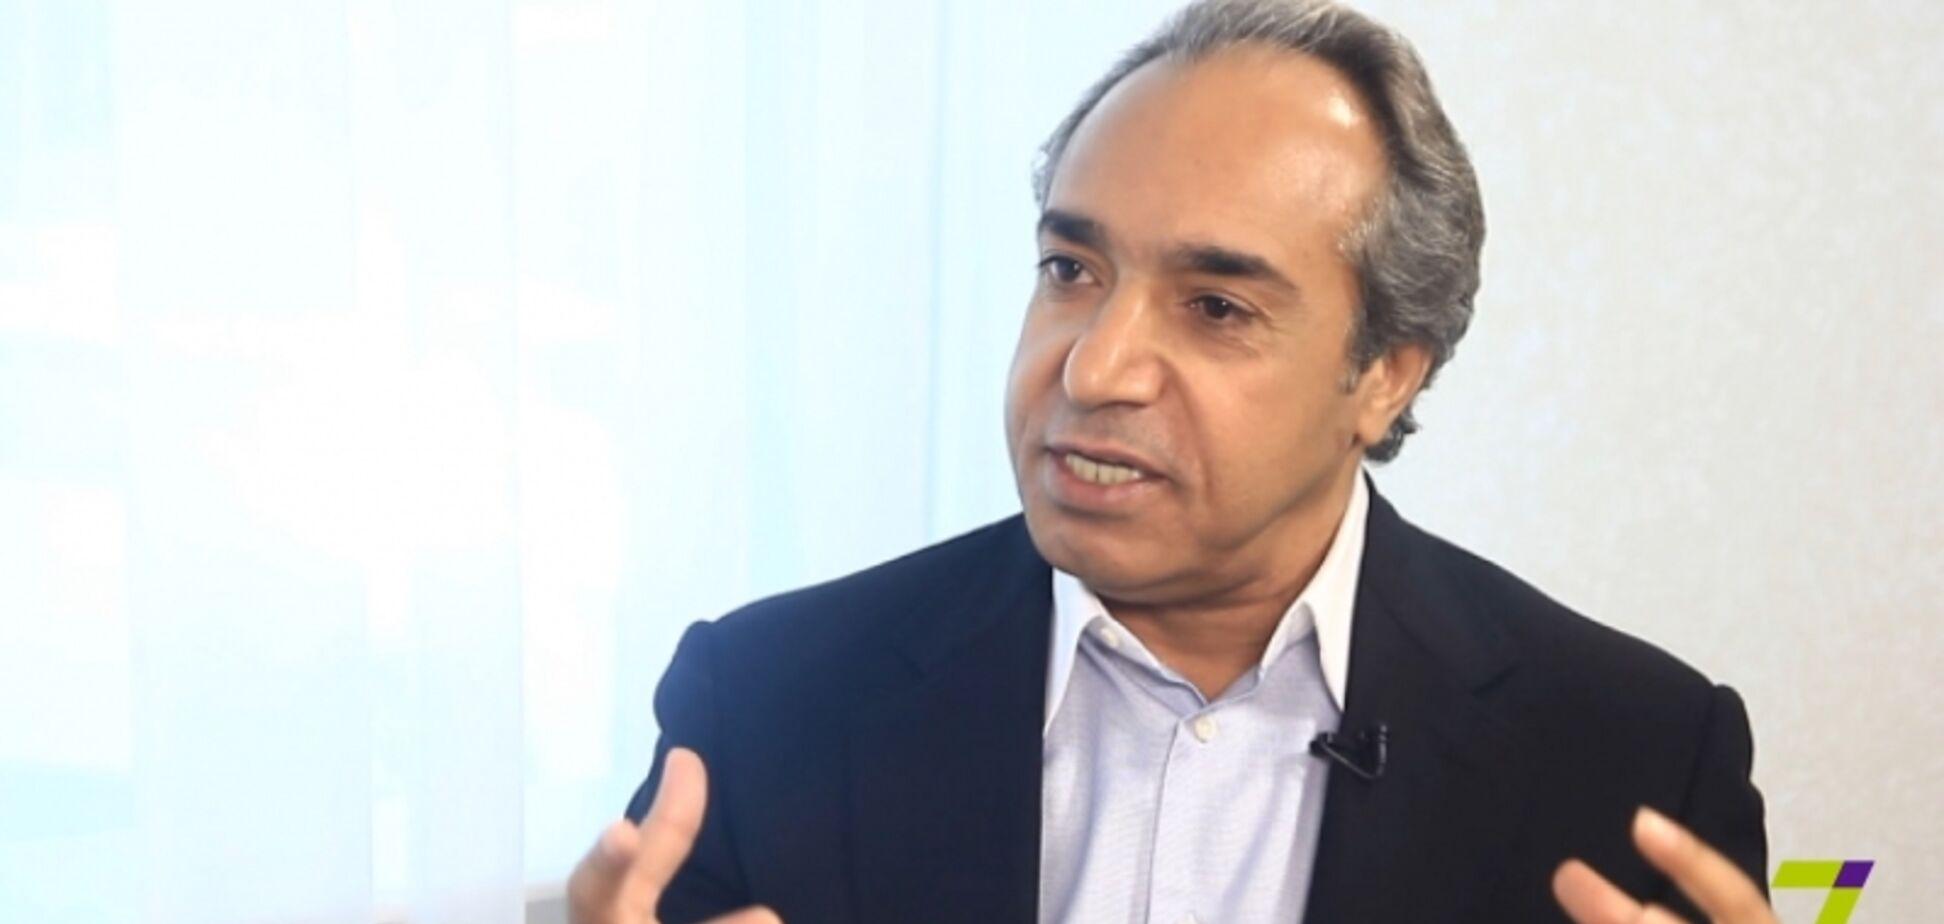 Будет тщательная проверка: ГПУ всерьез взялась за сирийского бизнесмена Кивана